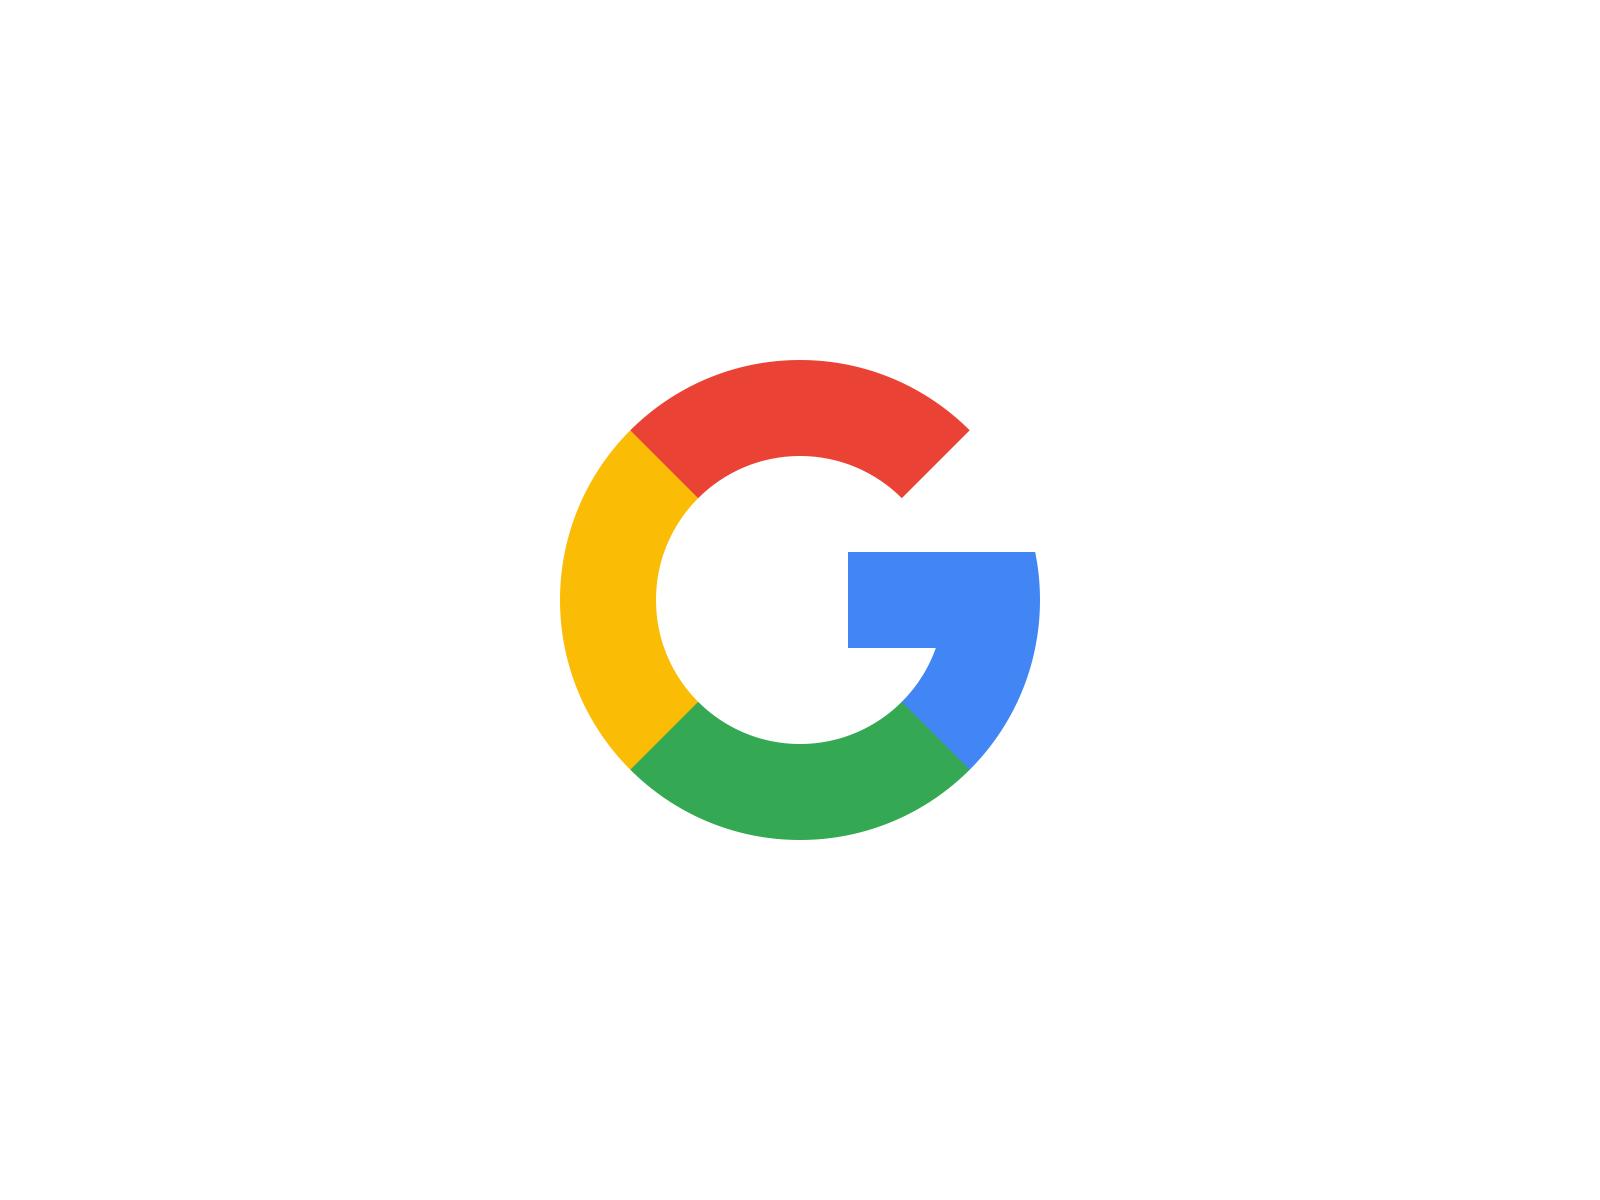 Google Logo PNG Transparent Google Logo.PNG Images..